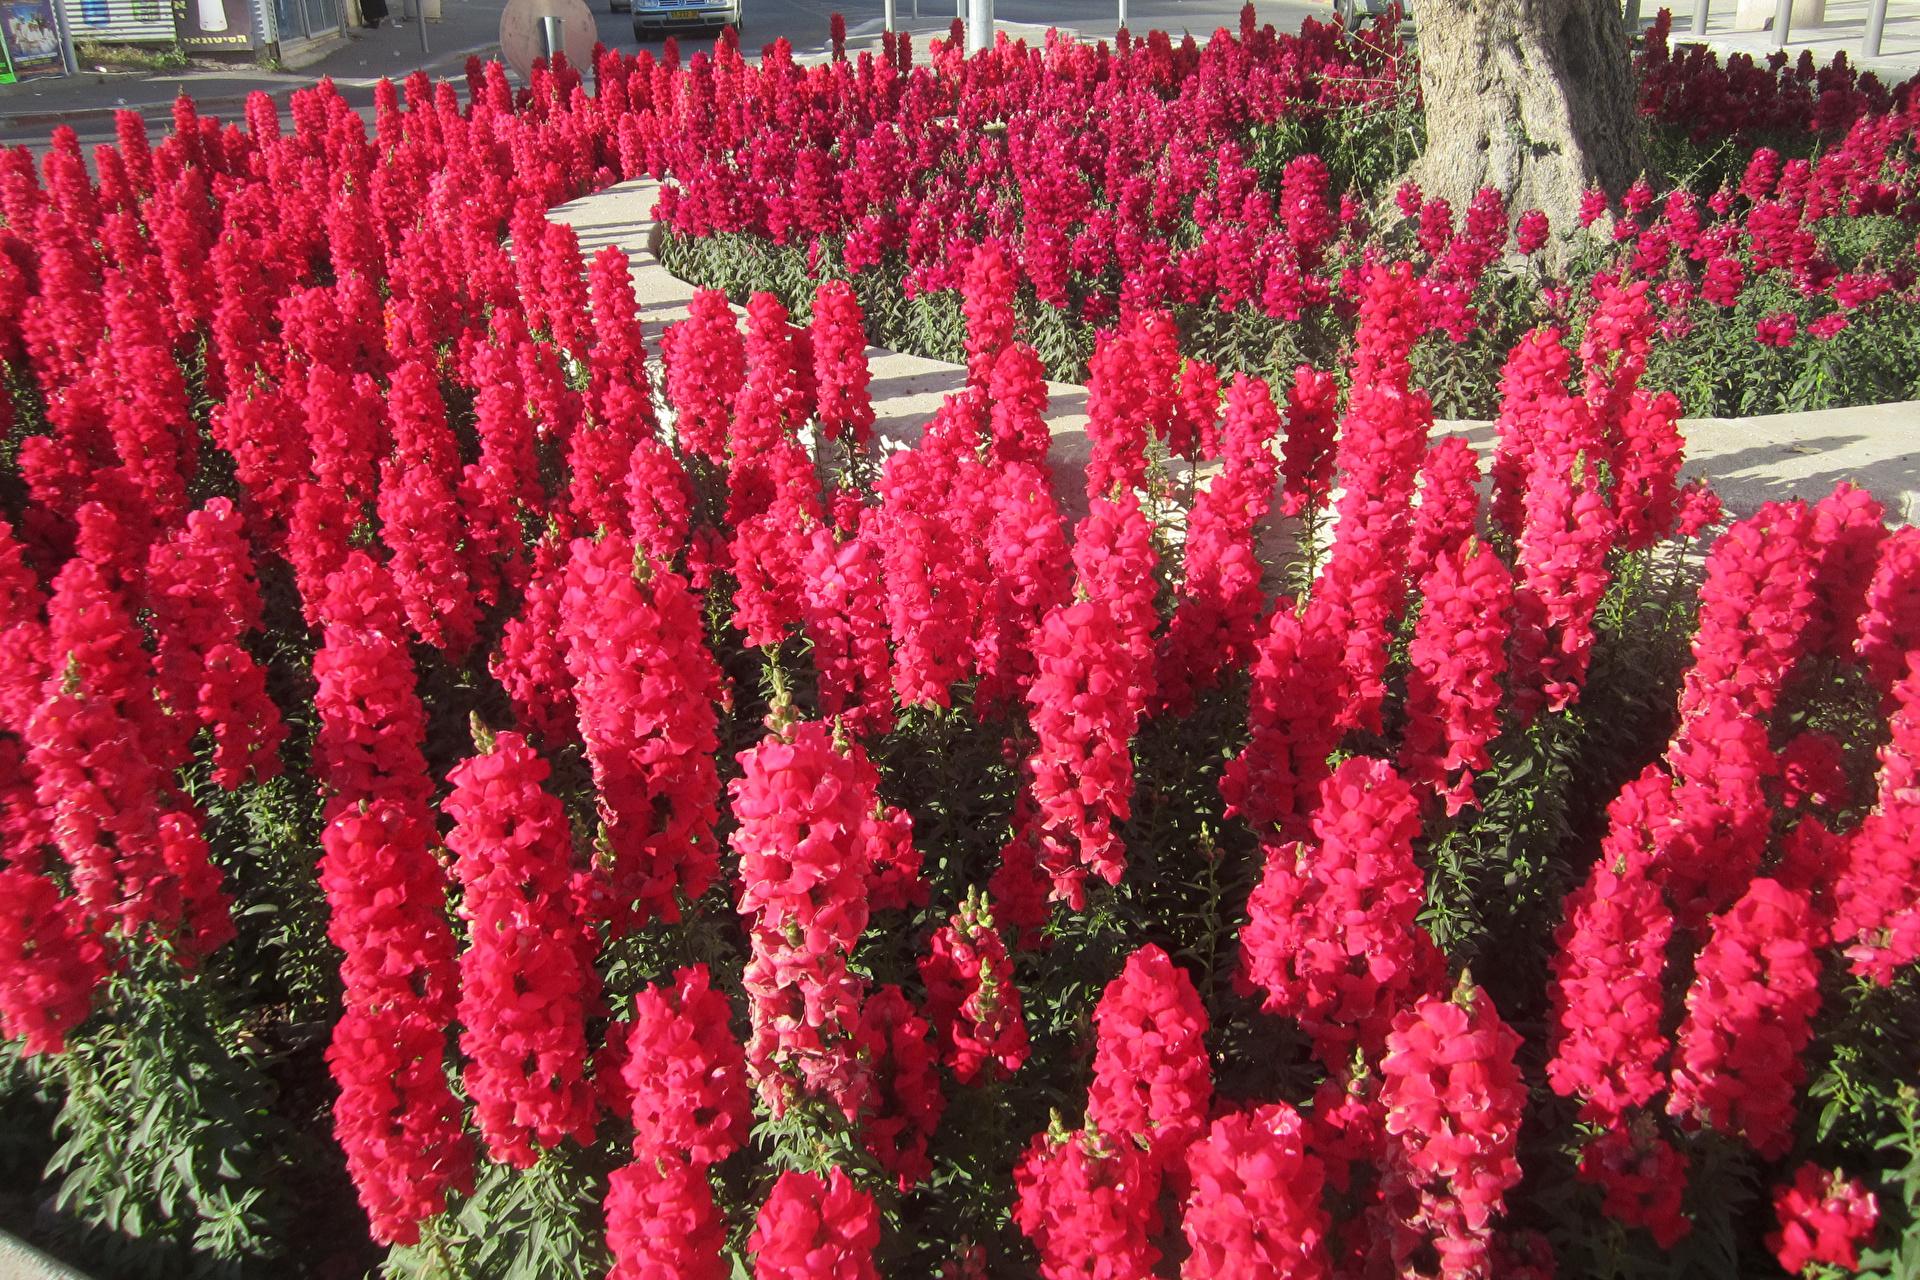 Красивые цветы для клумбы — как выбрать и посадить своими руками? 115 фото лучших сочетаний для клумб